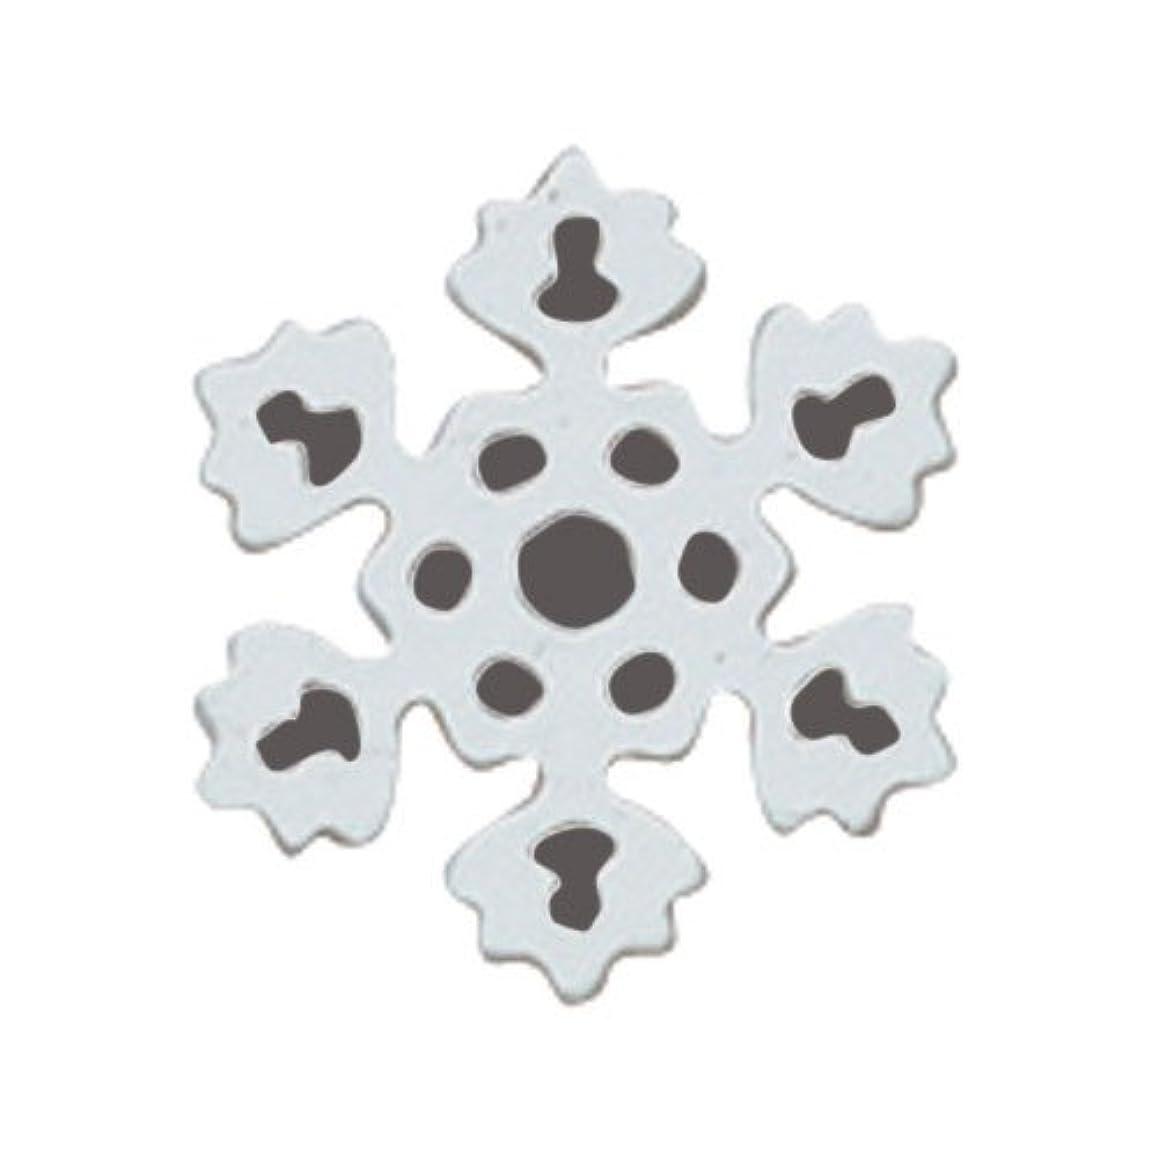 蓄積する電球一貫性のないリトルプリティー ネイルアートパーツ PWスノーホワイト S 10個